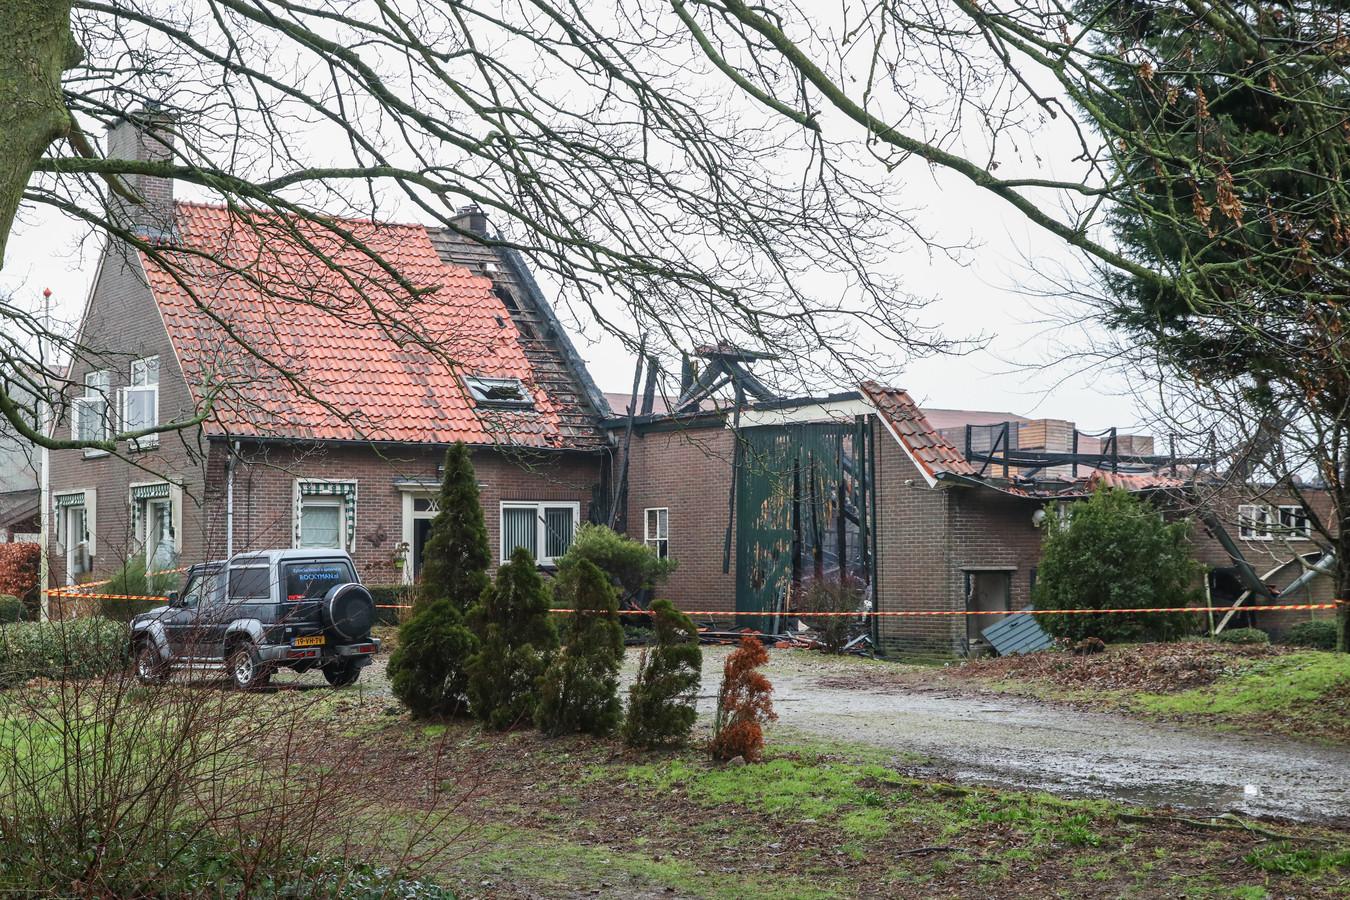 Februari van dit jaar: van de domeinschuur van Rockyman in Luttelgeest stonden alleen de buitenmuren nog overeind.